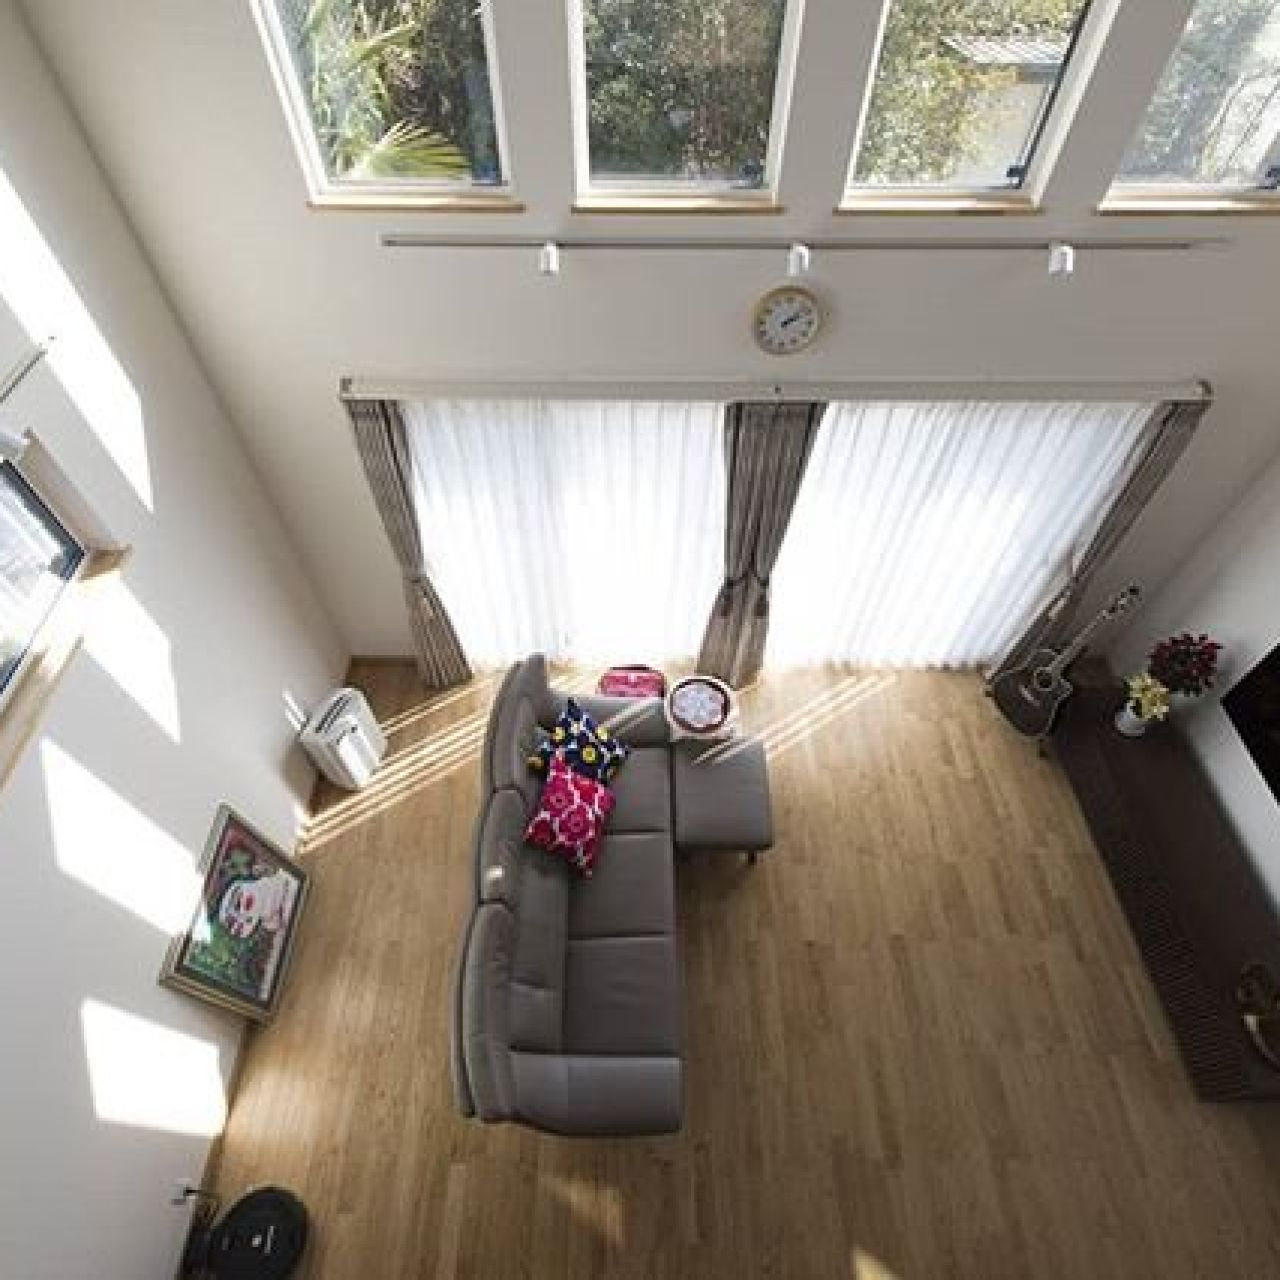 主寝室から見下ろすリビング。トリプルガラスサッシの超高気密・高断熱住宅だから、冬場もとっても暖かく快適なのに省エネ・エコに暮らせます。#省エネ #トリプルガラス #apw430 #全館空調 #床暖房 #無垢 #無垢床 #無垢フローリング #自然素材 #自然素材の家 #自然素材住宅 #吹き抜け #勾配天井 #壁掛けテレビ #高断熱 #高気密高断熱 #高気密 #住ま居る #注文住宅